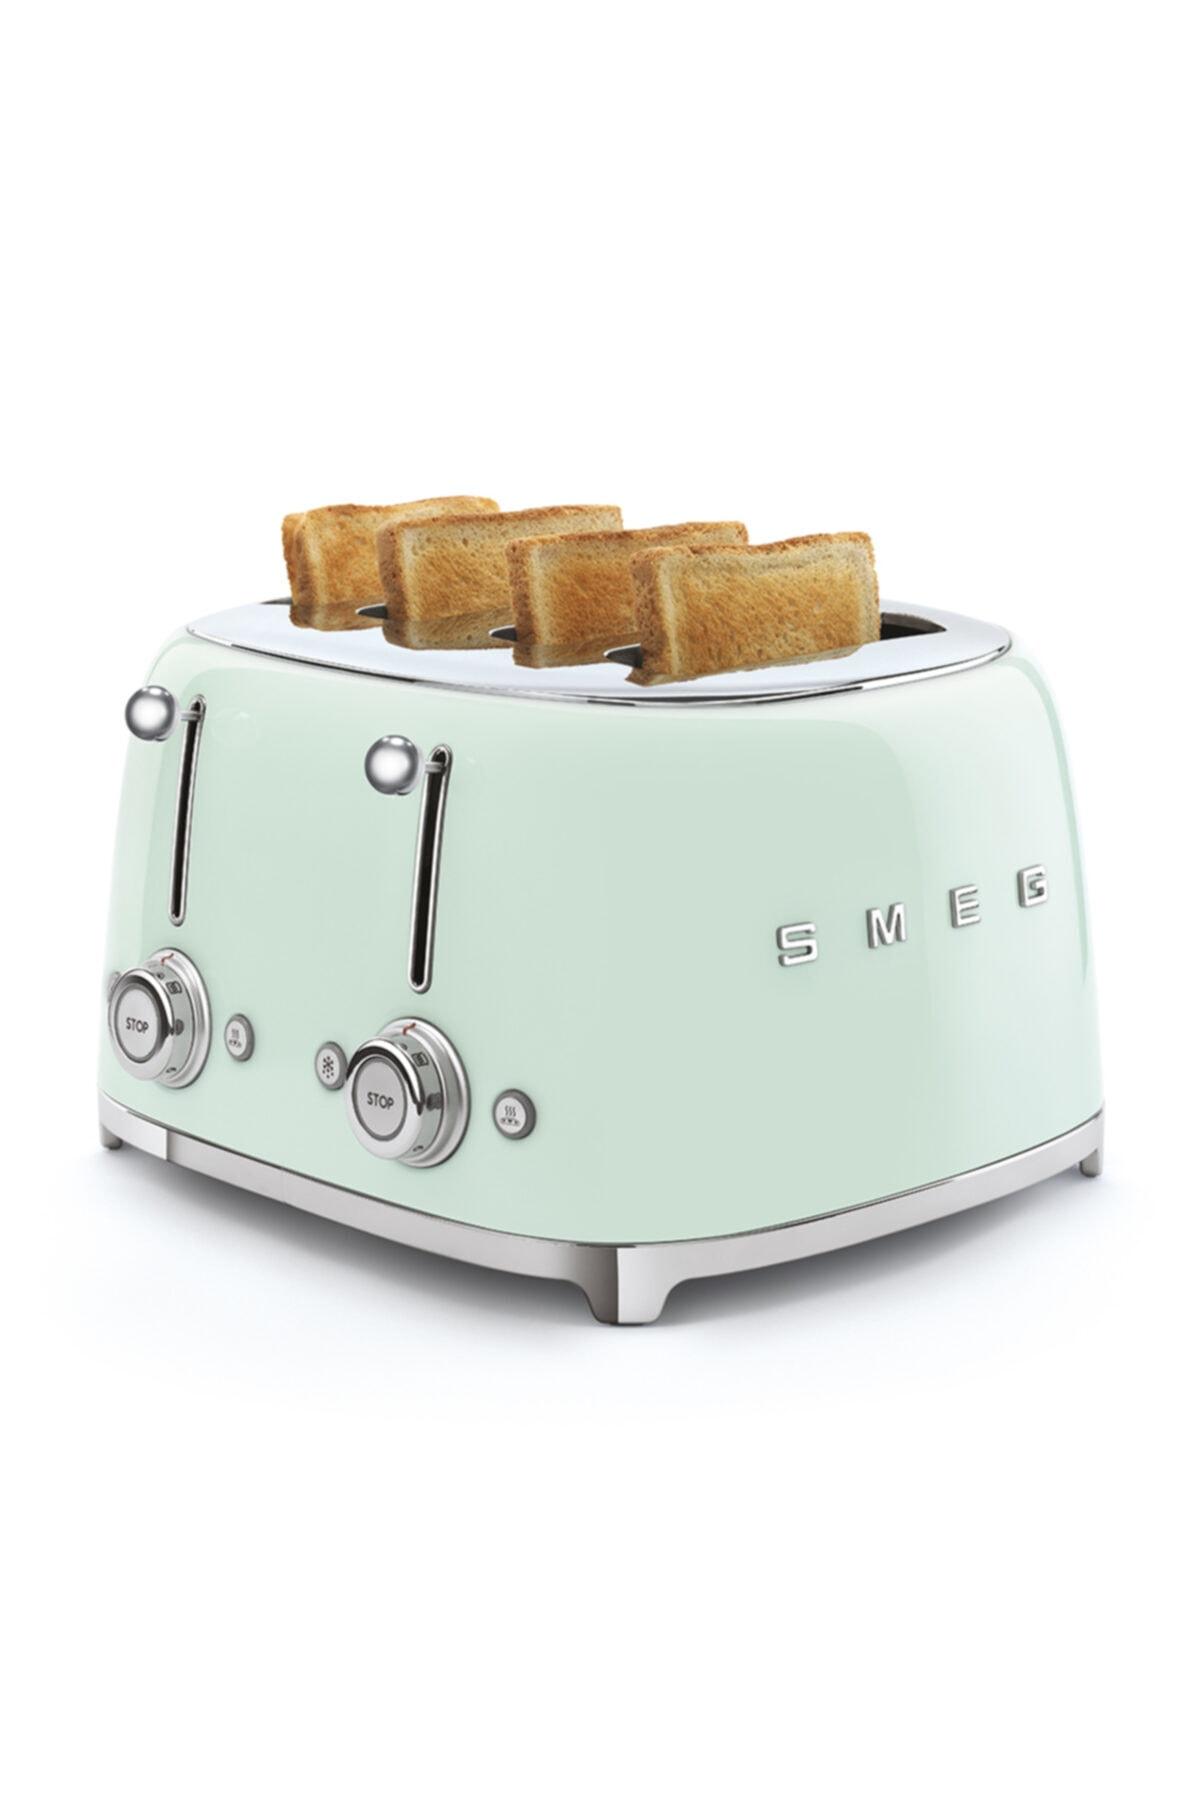 SMEG Pastel Yeşil 4 Dilimli Ekmek Kızartma 50's Style 2